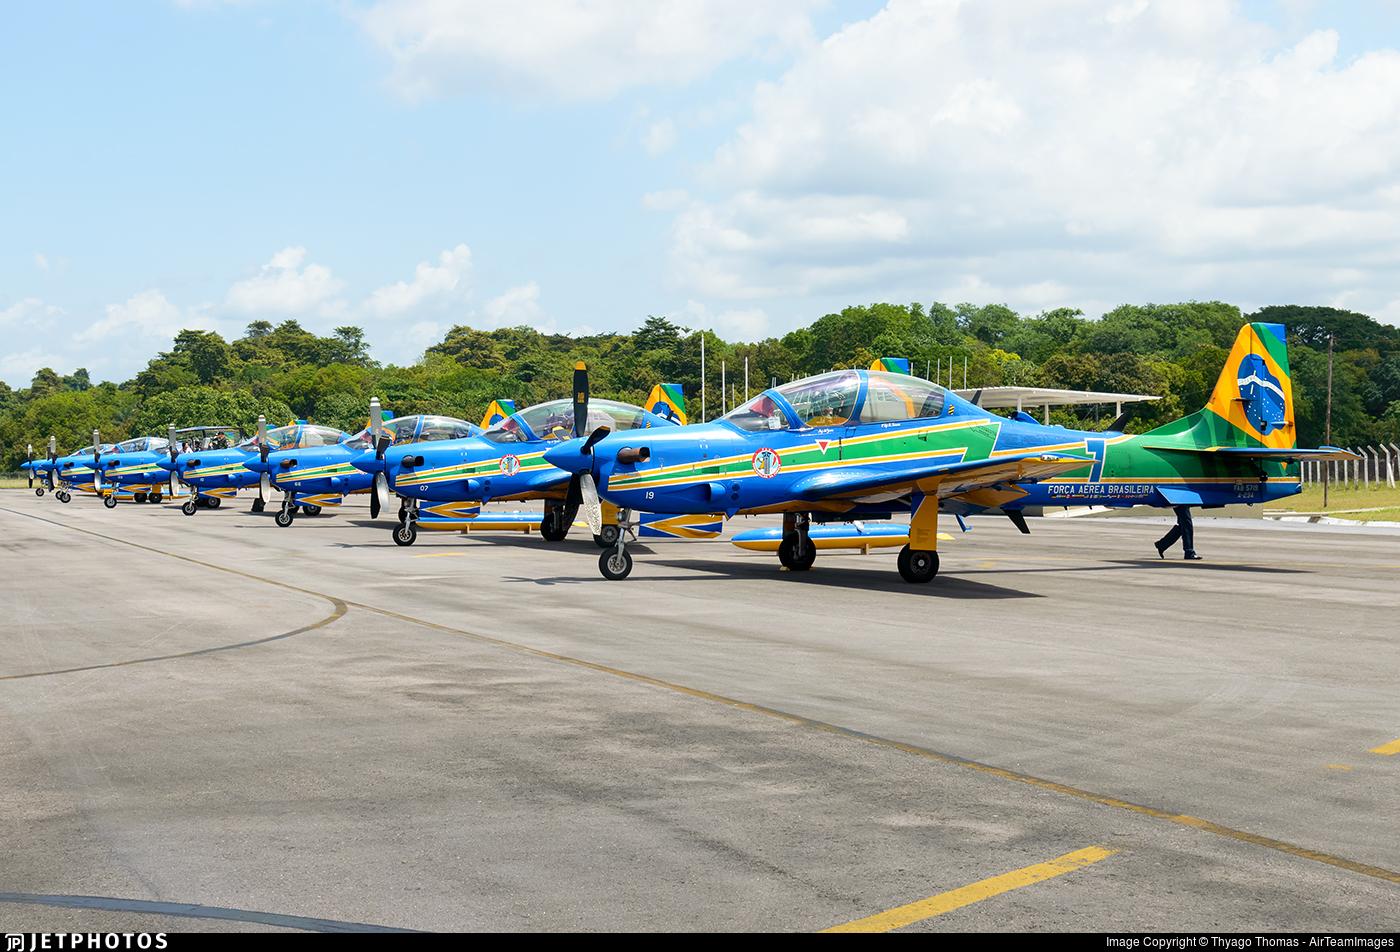 FAB5719 - Embraer A-29A Super Tucano - Brazil - Air Force